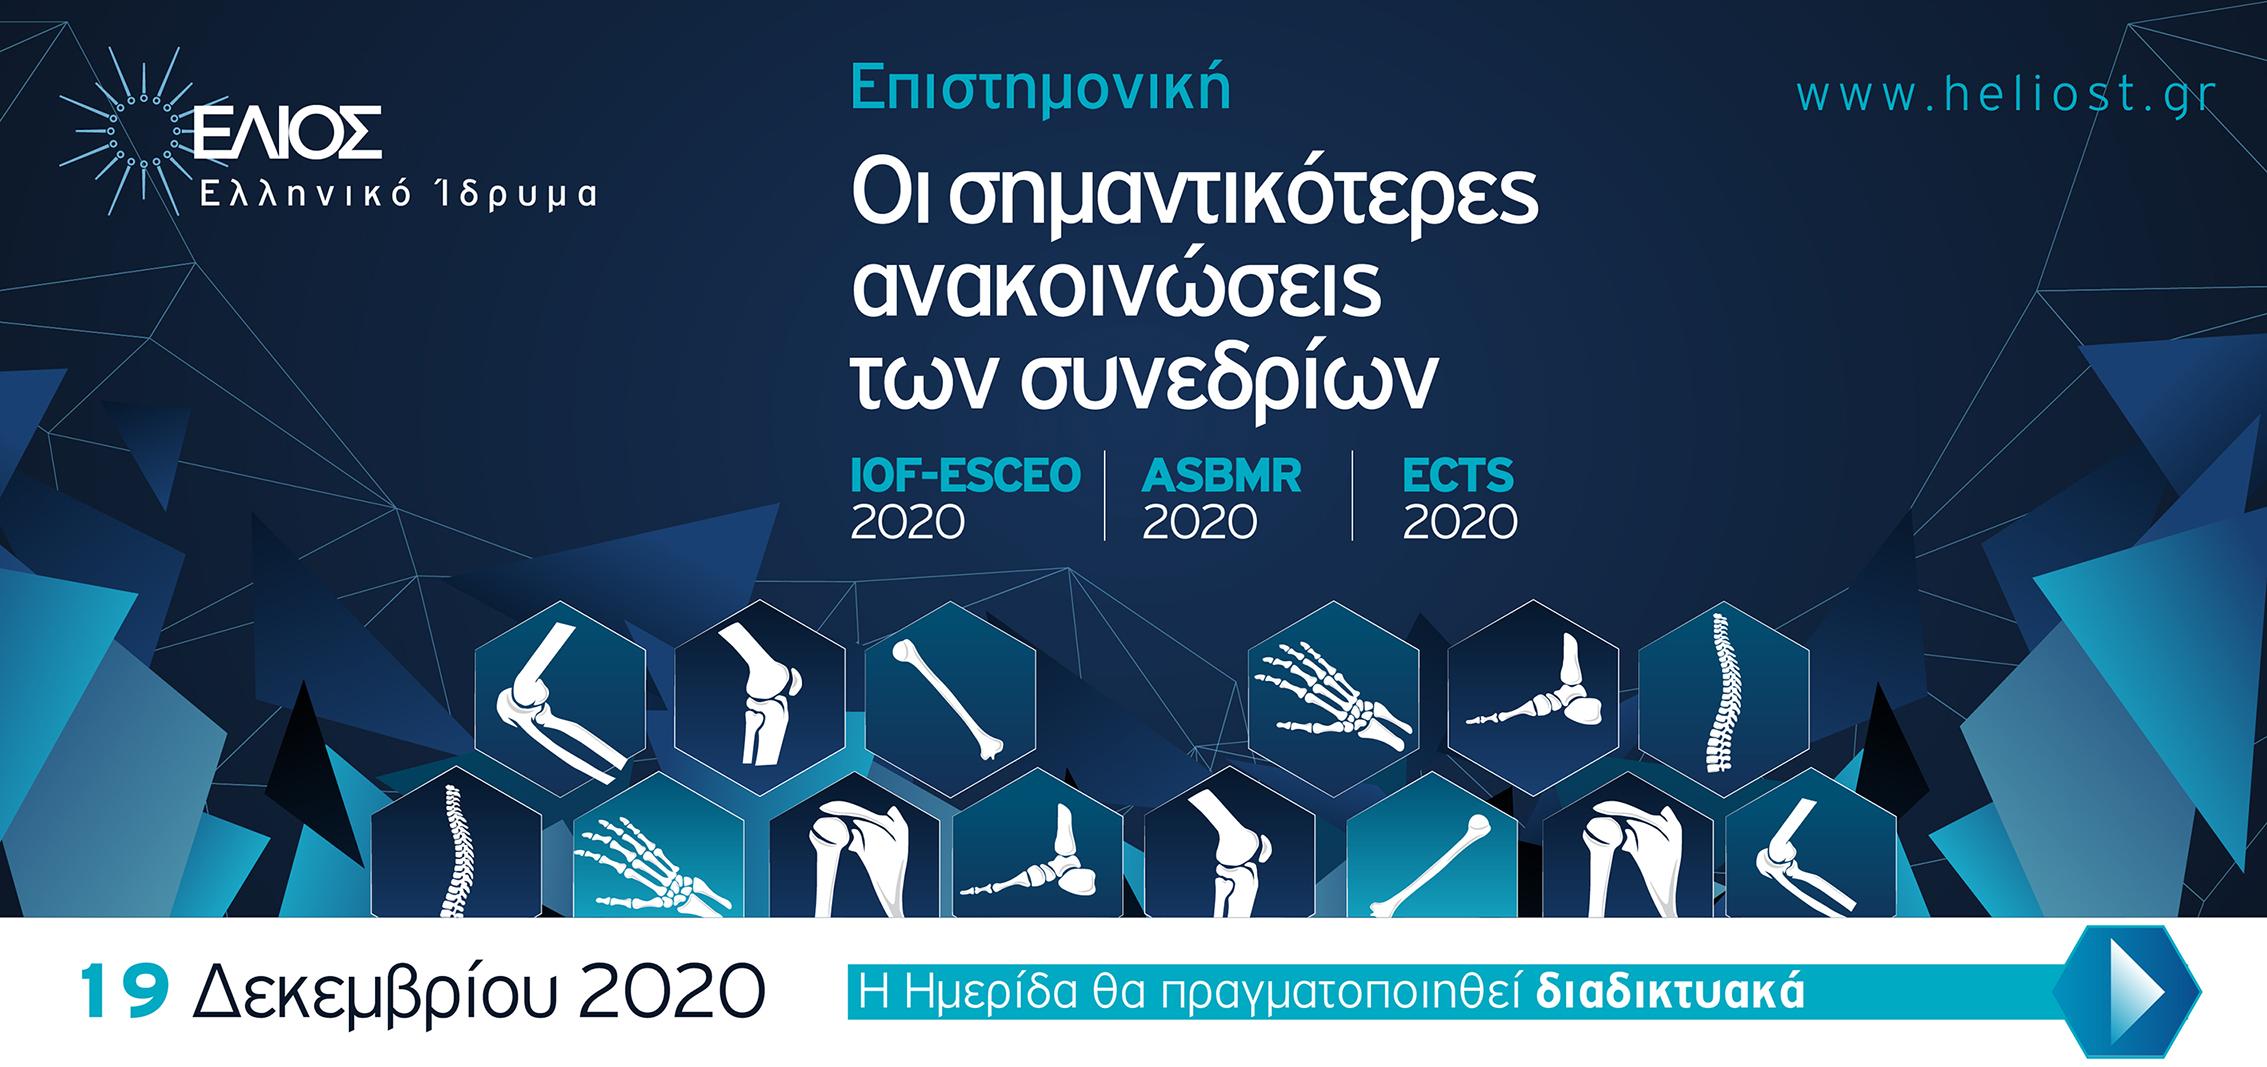 Οι σημαντικότερες ανακοινώσεις των Συνεδρίων IOF-ESCEO 2020-ASBMR 2020- ECTS 2020